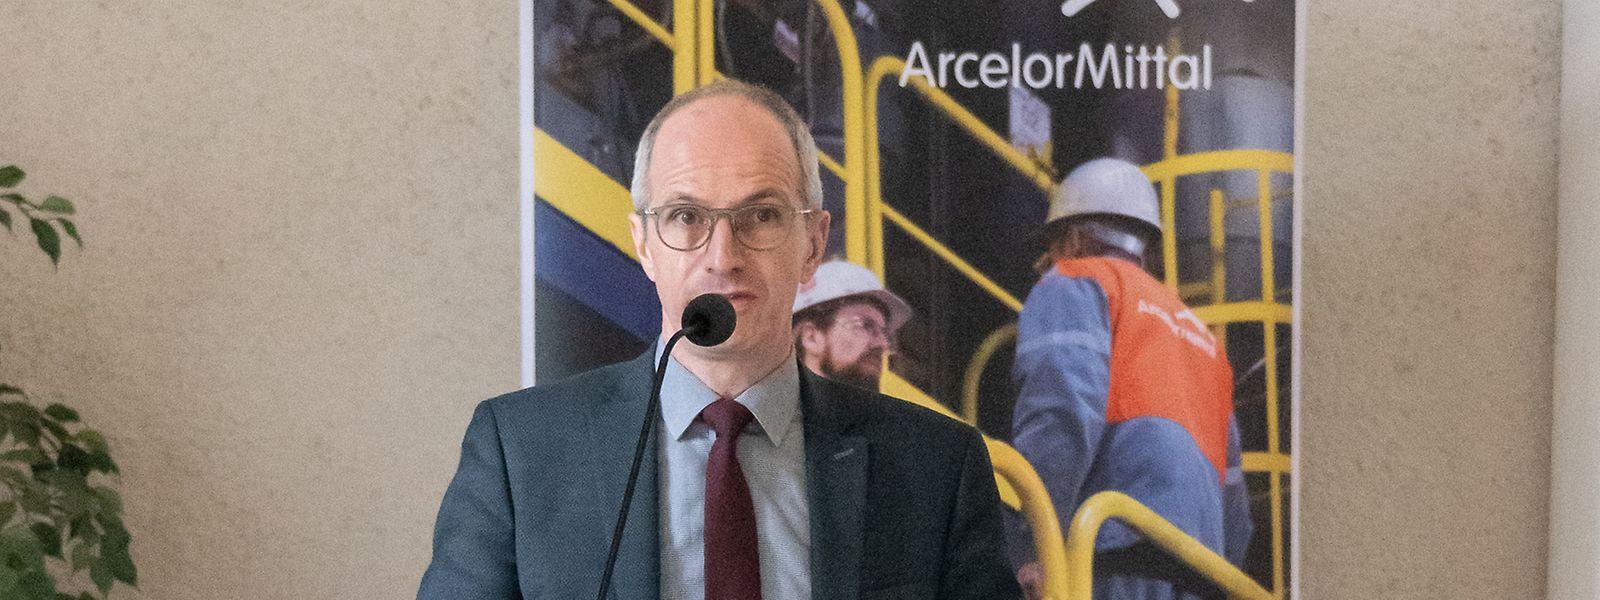 L'usine de biogaz devrait être achevée en 2023. Au terme d'un investissement de 15 millions d'euros, elle devrait permettre au groupe sidérurgique de réduire ses émissions de CO2 de 4.000 tonnes/an.